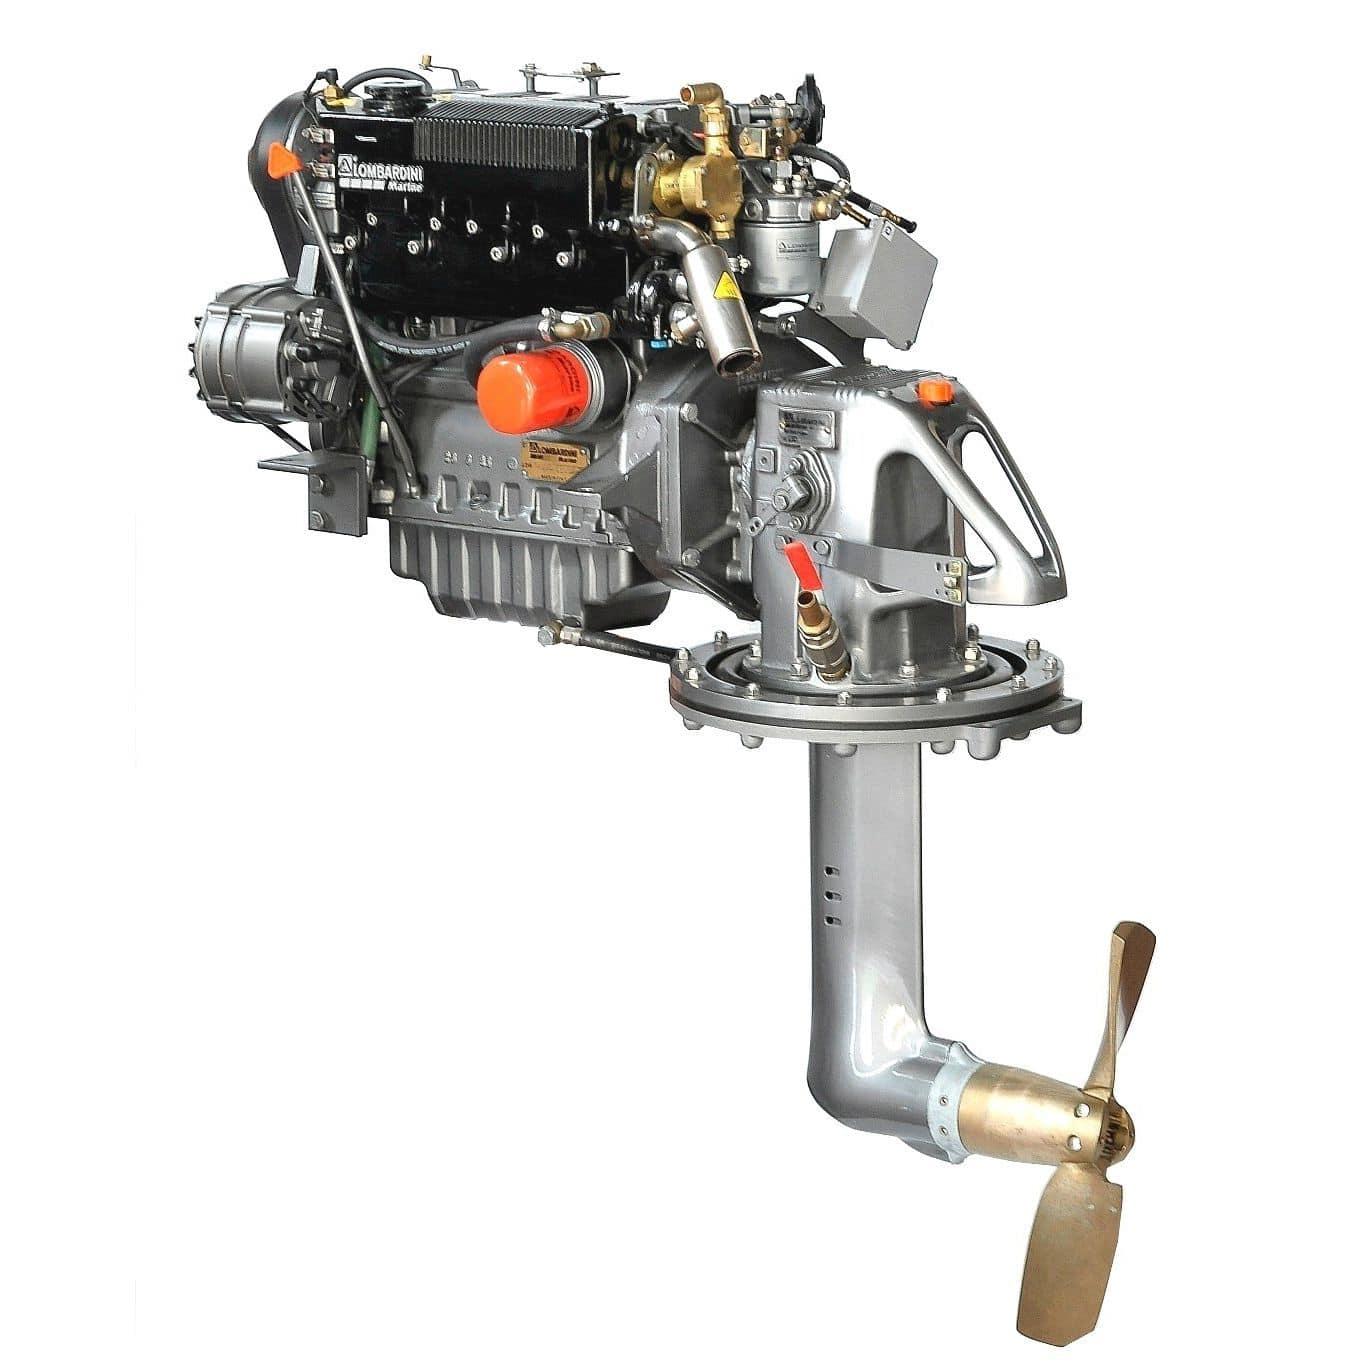 Freizeitschifffahrt Motor Innenbord Saildrive Diesel Lombardini Fuel Filter Atmosphrisch Ldw 1404 Sd